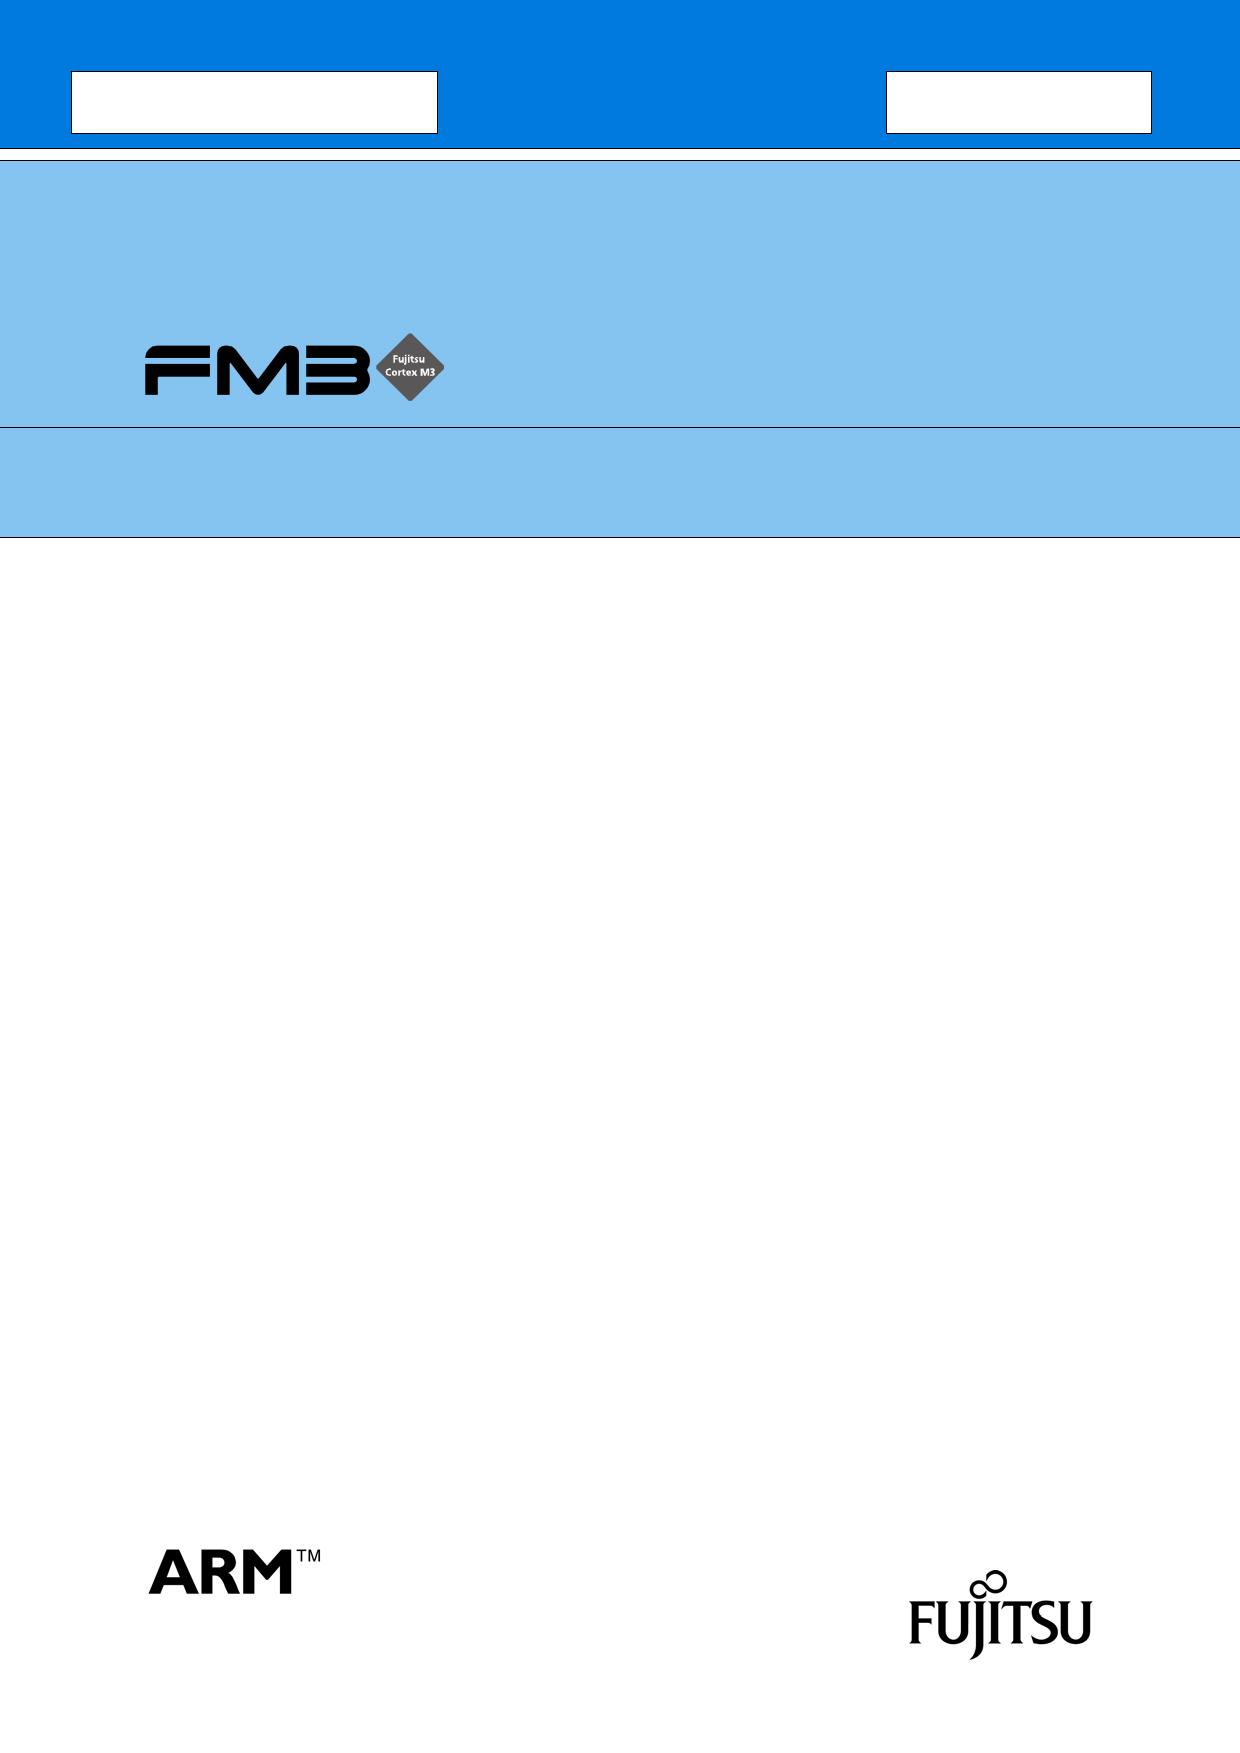 MB9BF322M 데이터시트 및 MB9BF322M PDF